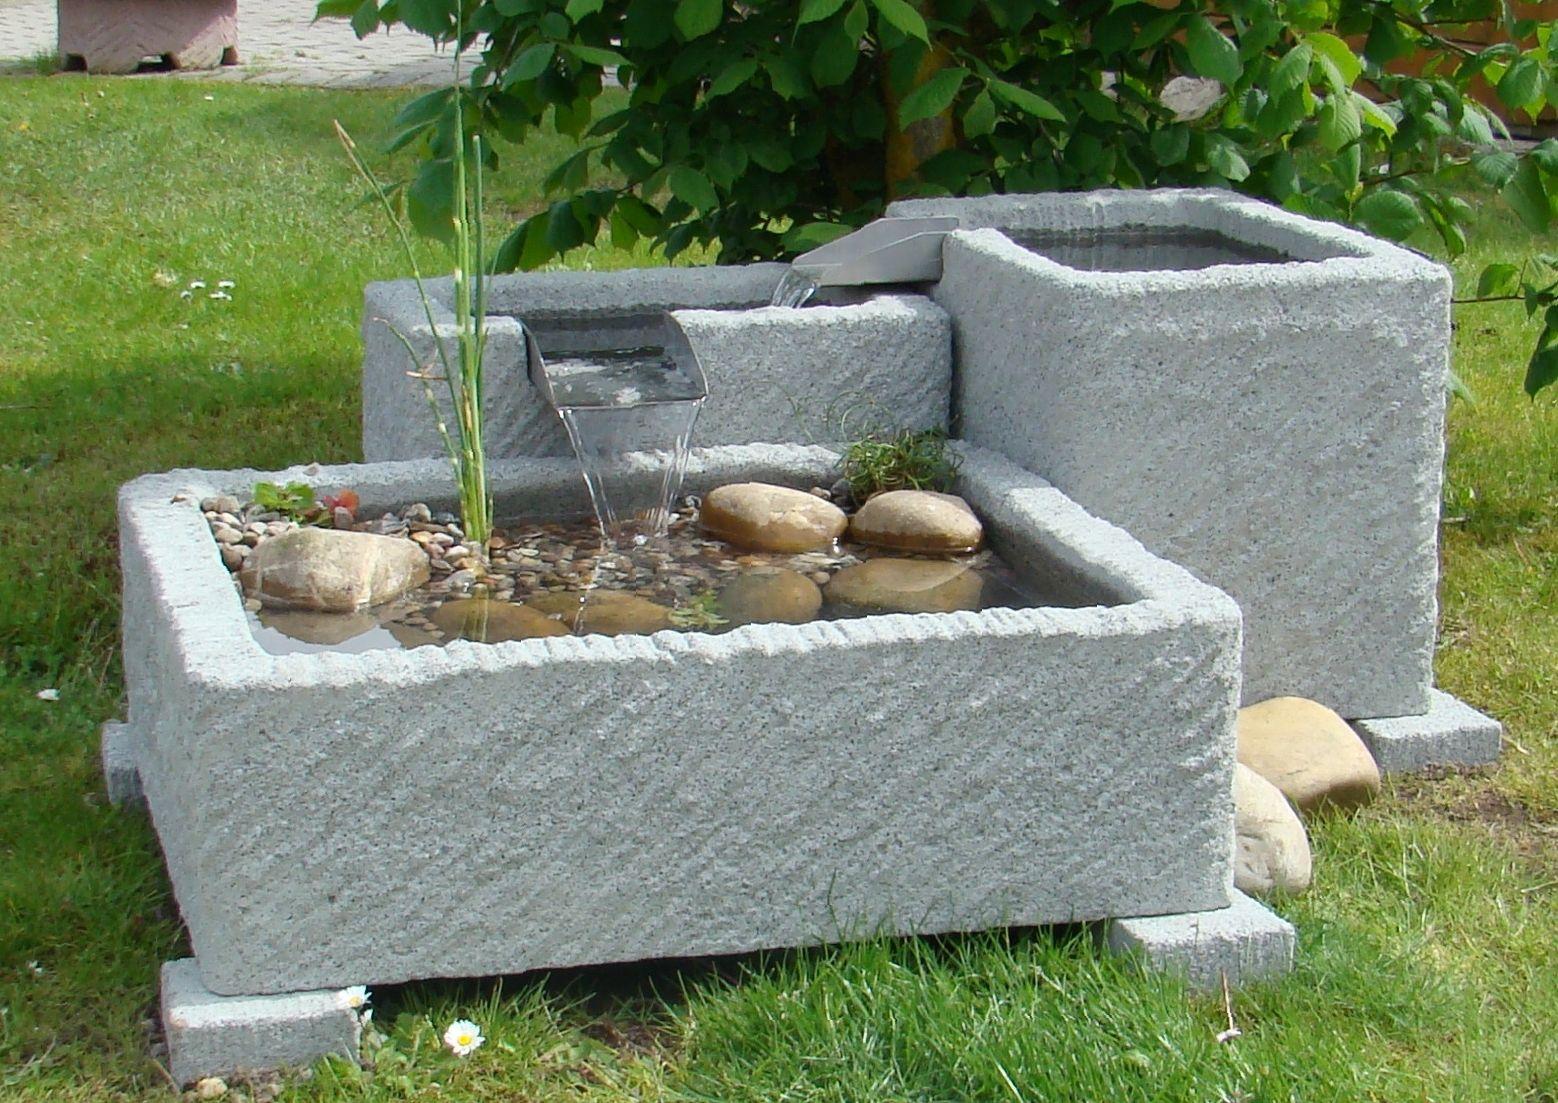 Springbrunnen brunnen wasserspiel granitwerkstein stein 262kg balkon garten shop - Brunnen garten stein ...